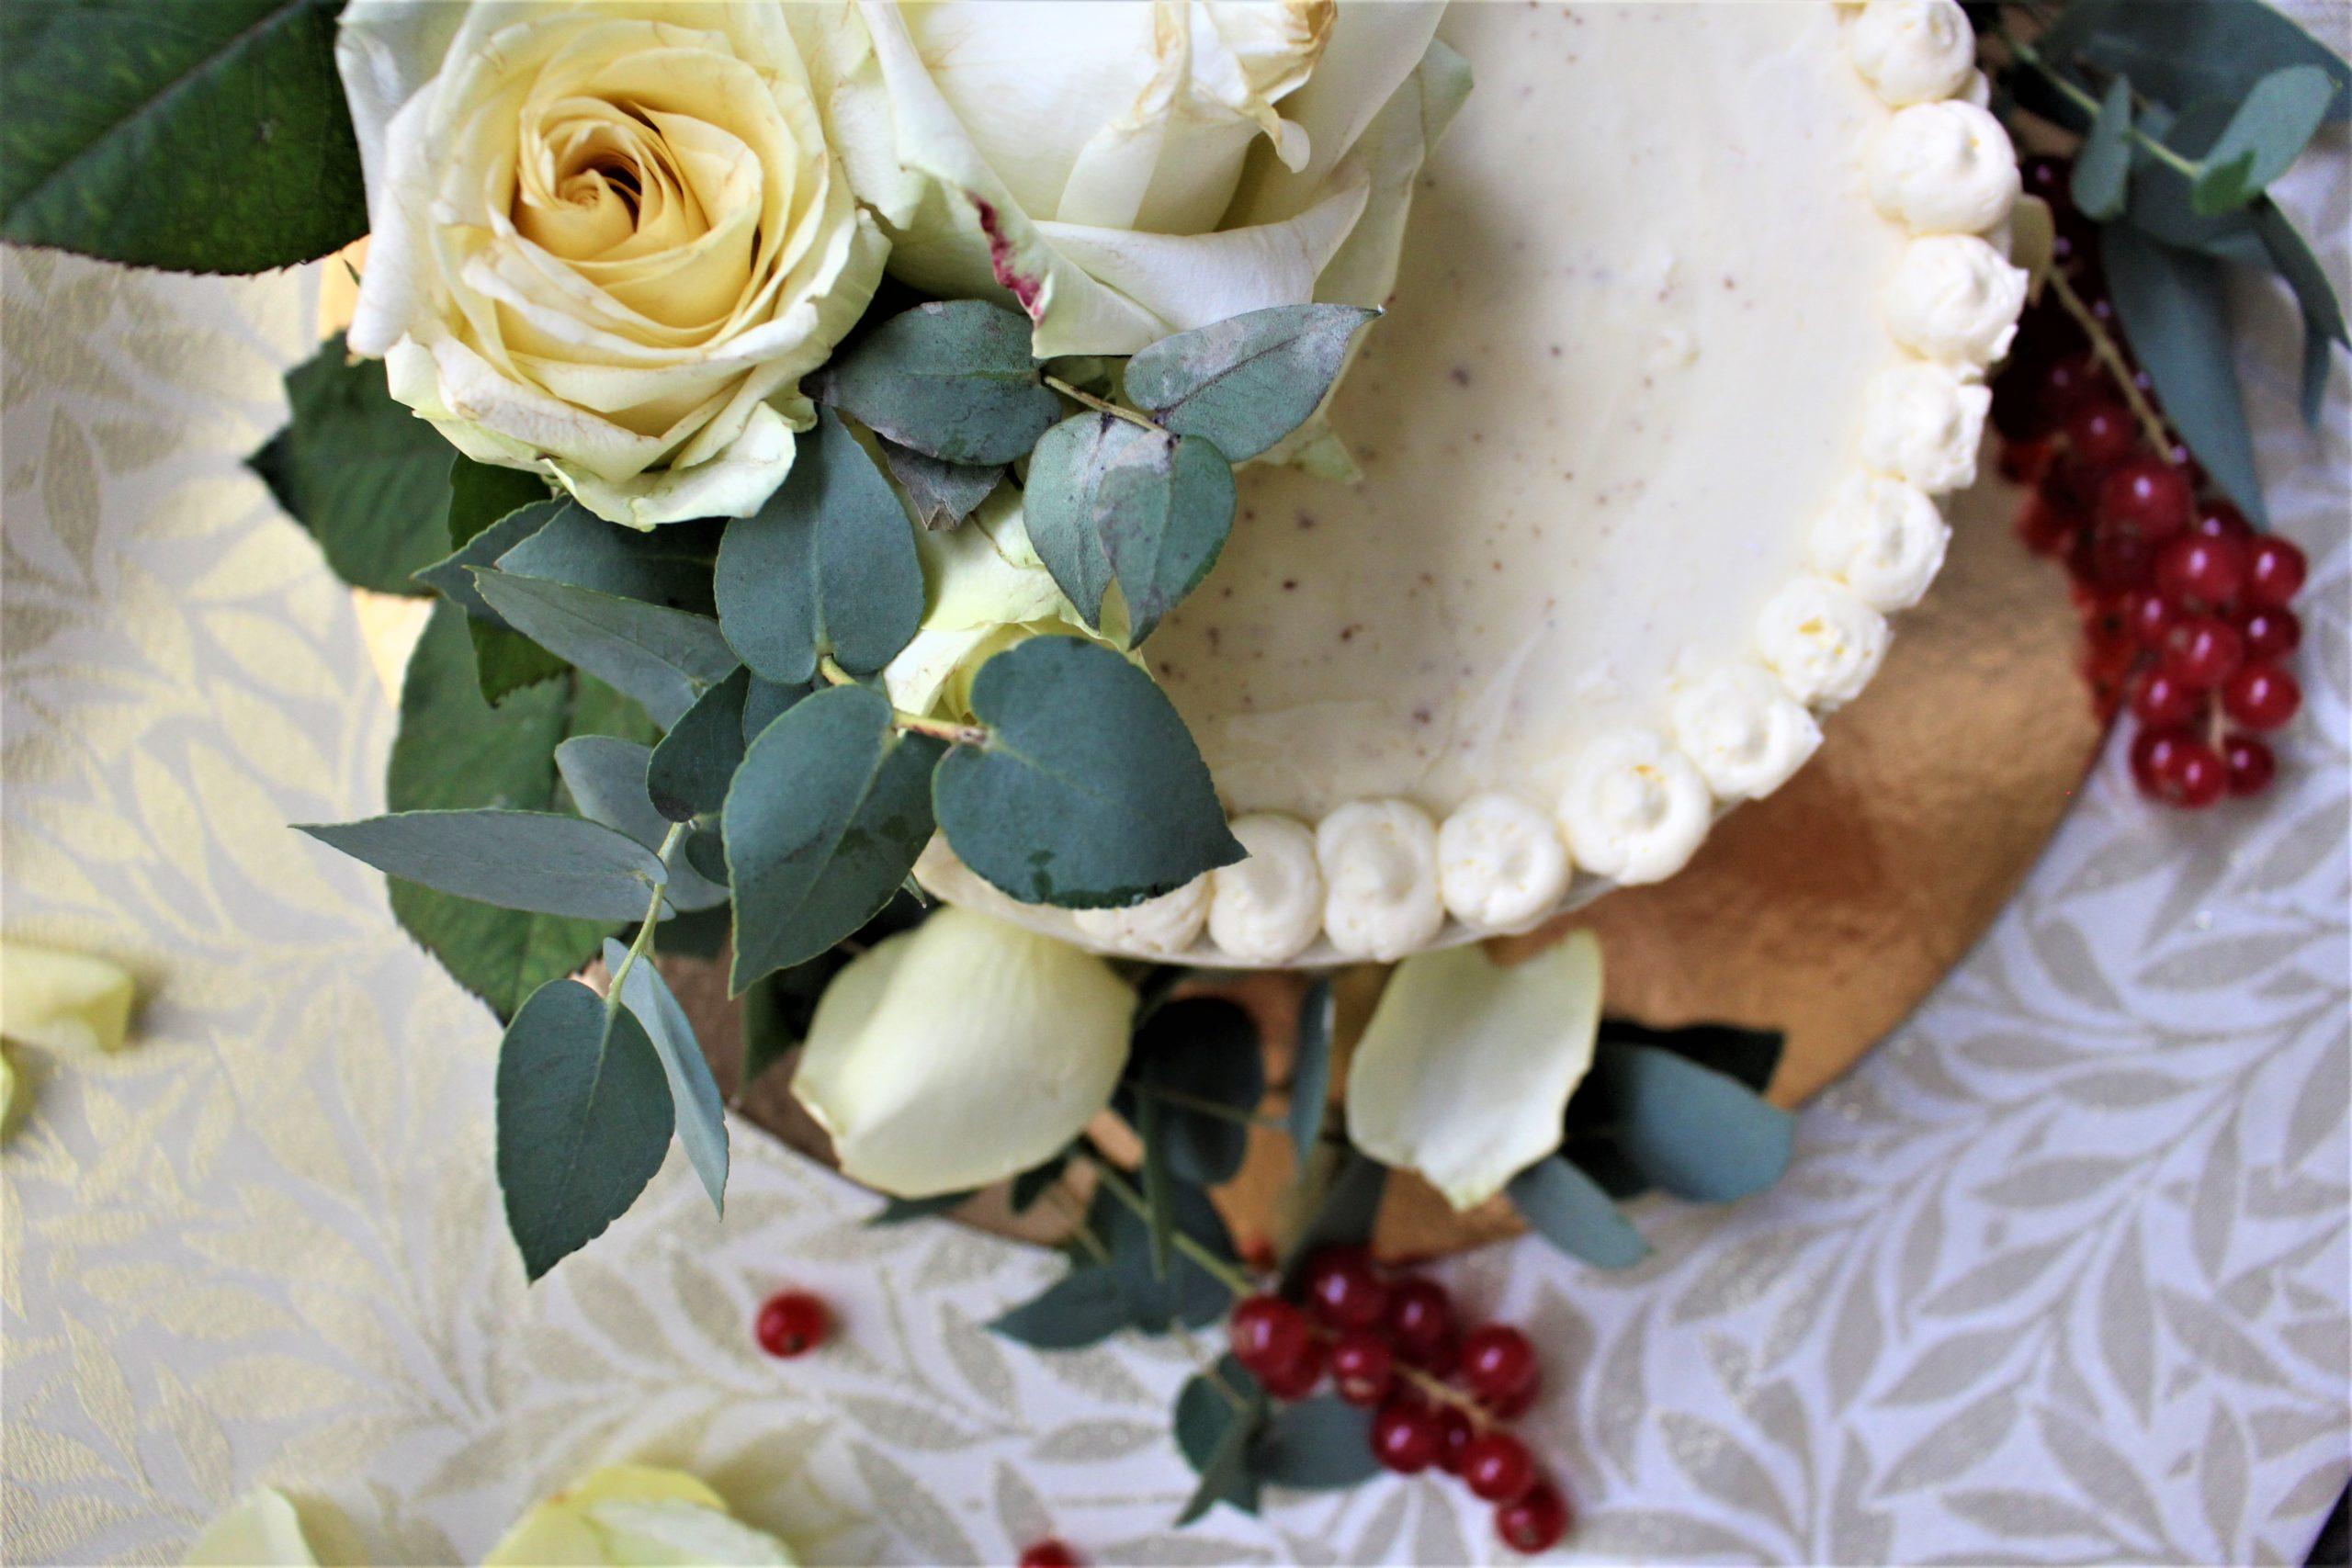 Glutenfreie, fruchtige Hochzeitstorte